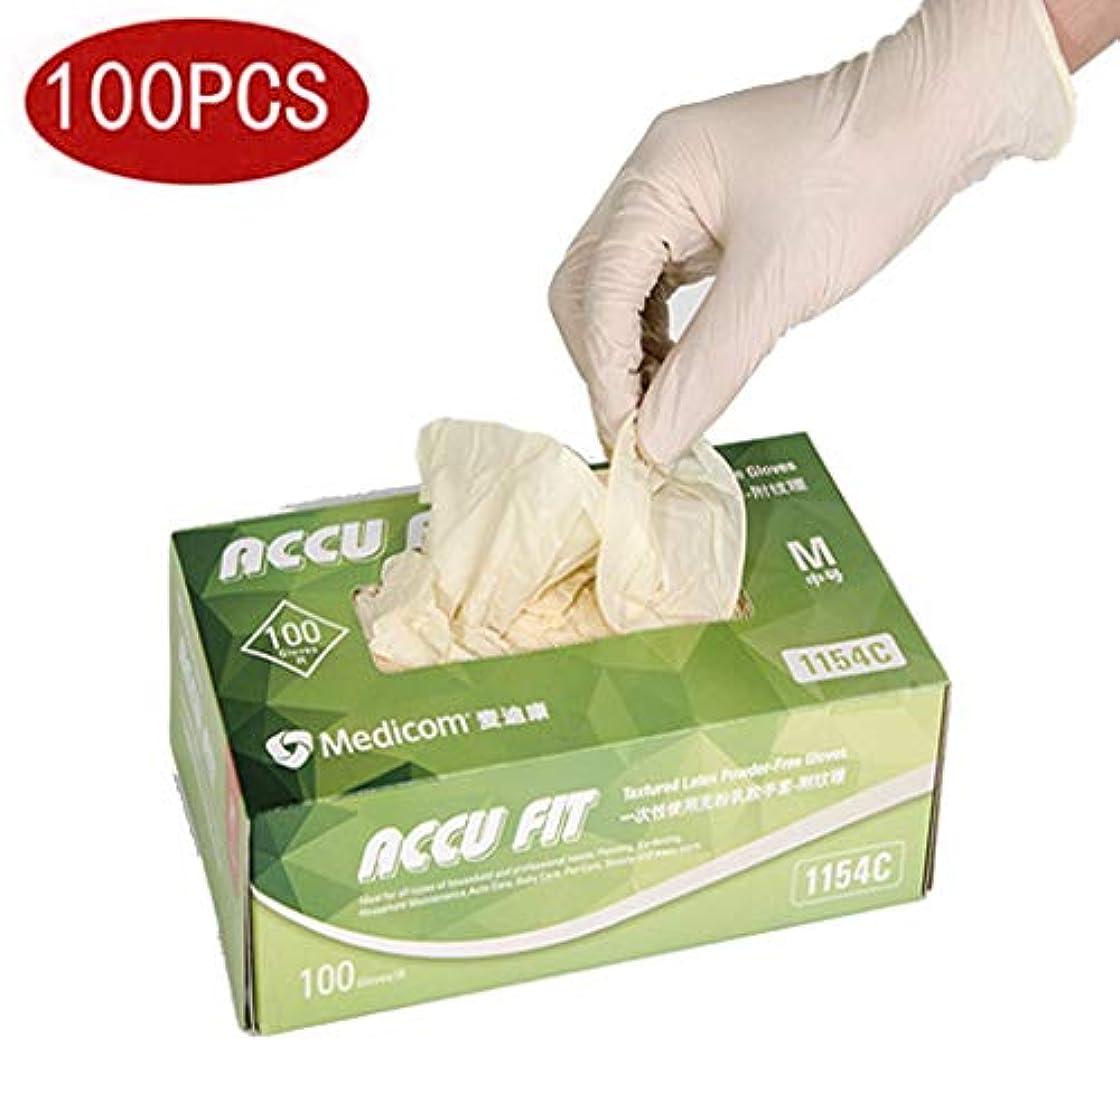 邪悪なカウンタ着実に9インチ使い捨てラテックス手袋、箱入り、パウダーフリーゴム、滑り止めの清掃、労働保険検査用手袋 100の病院ボックスのプロフェッショナルグレード (Size : S)